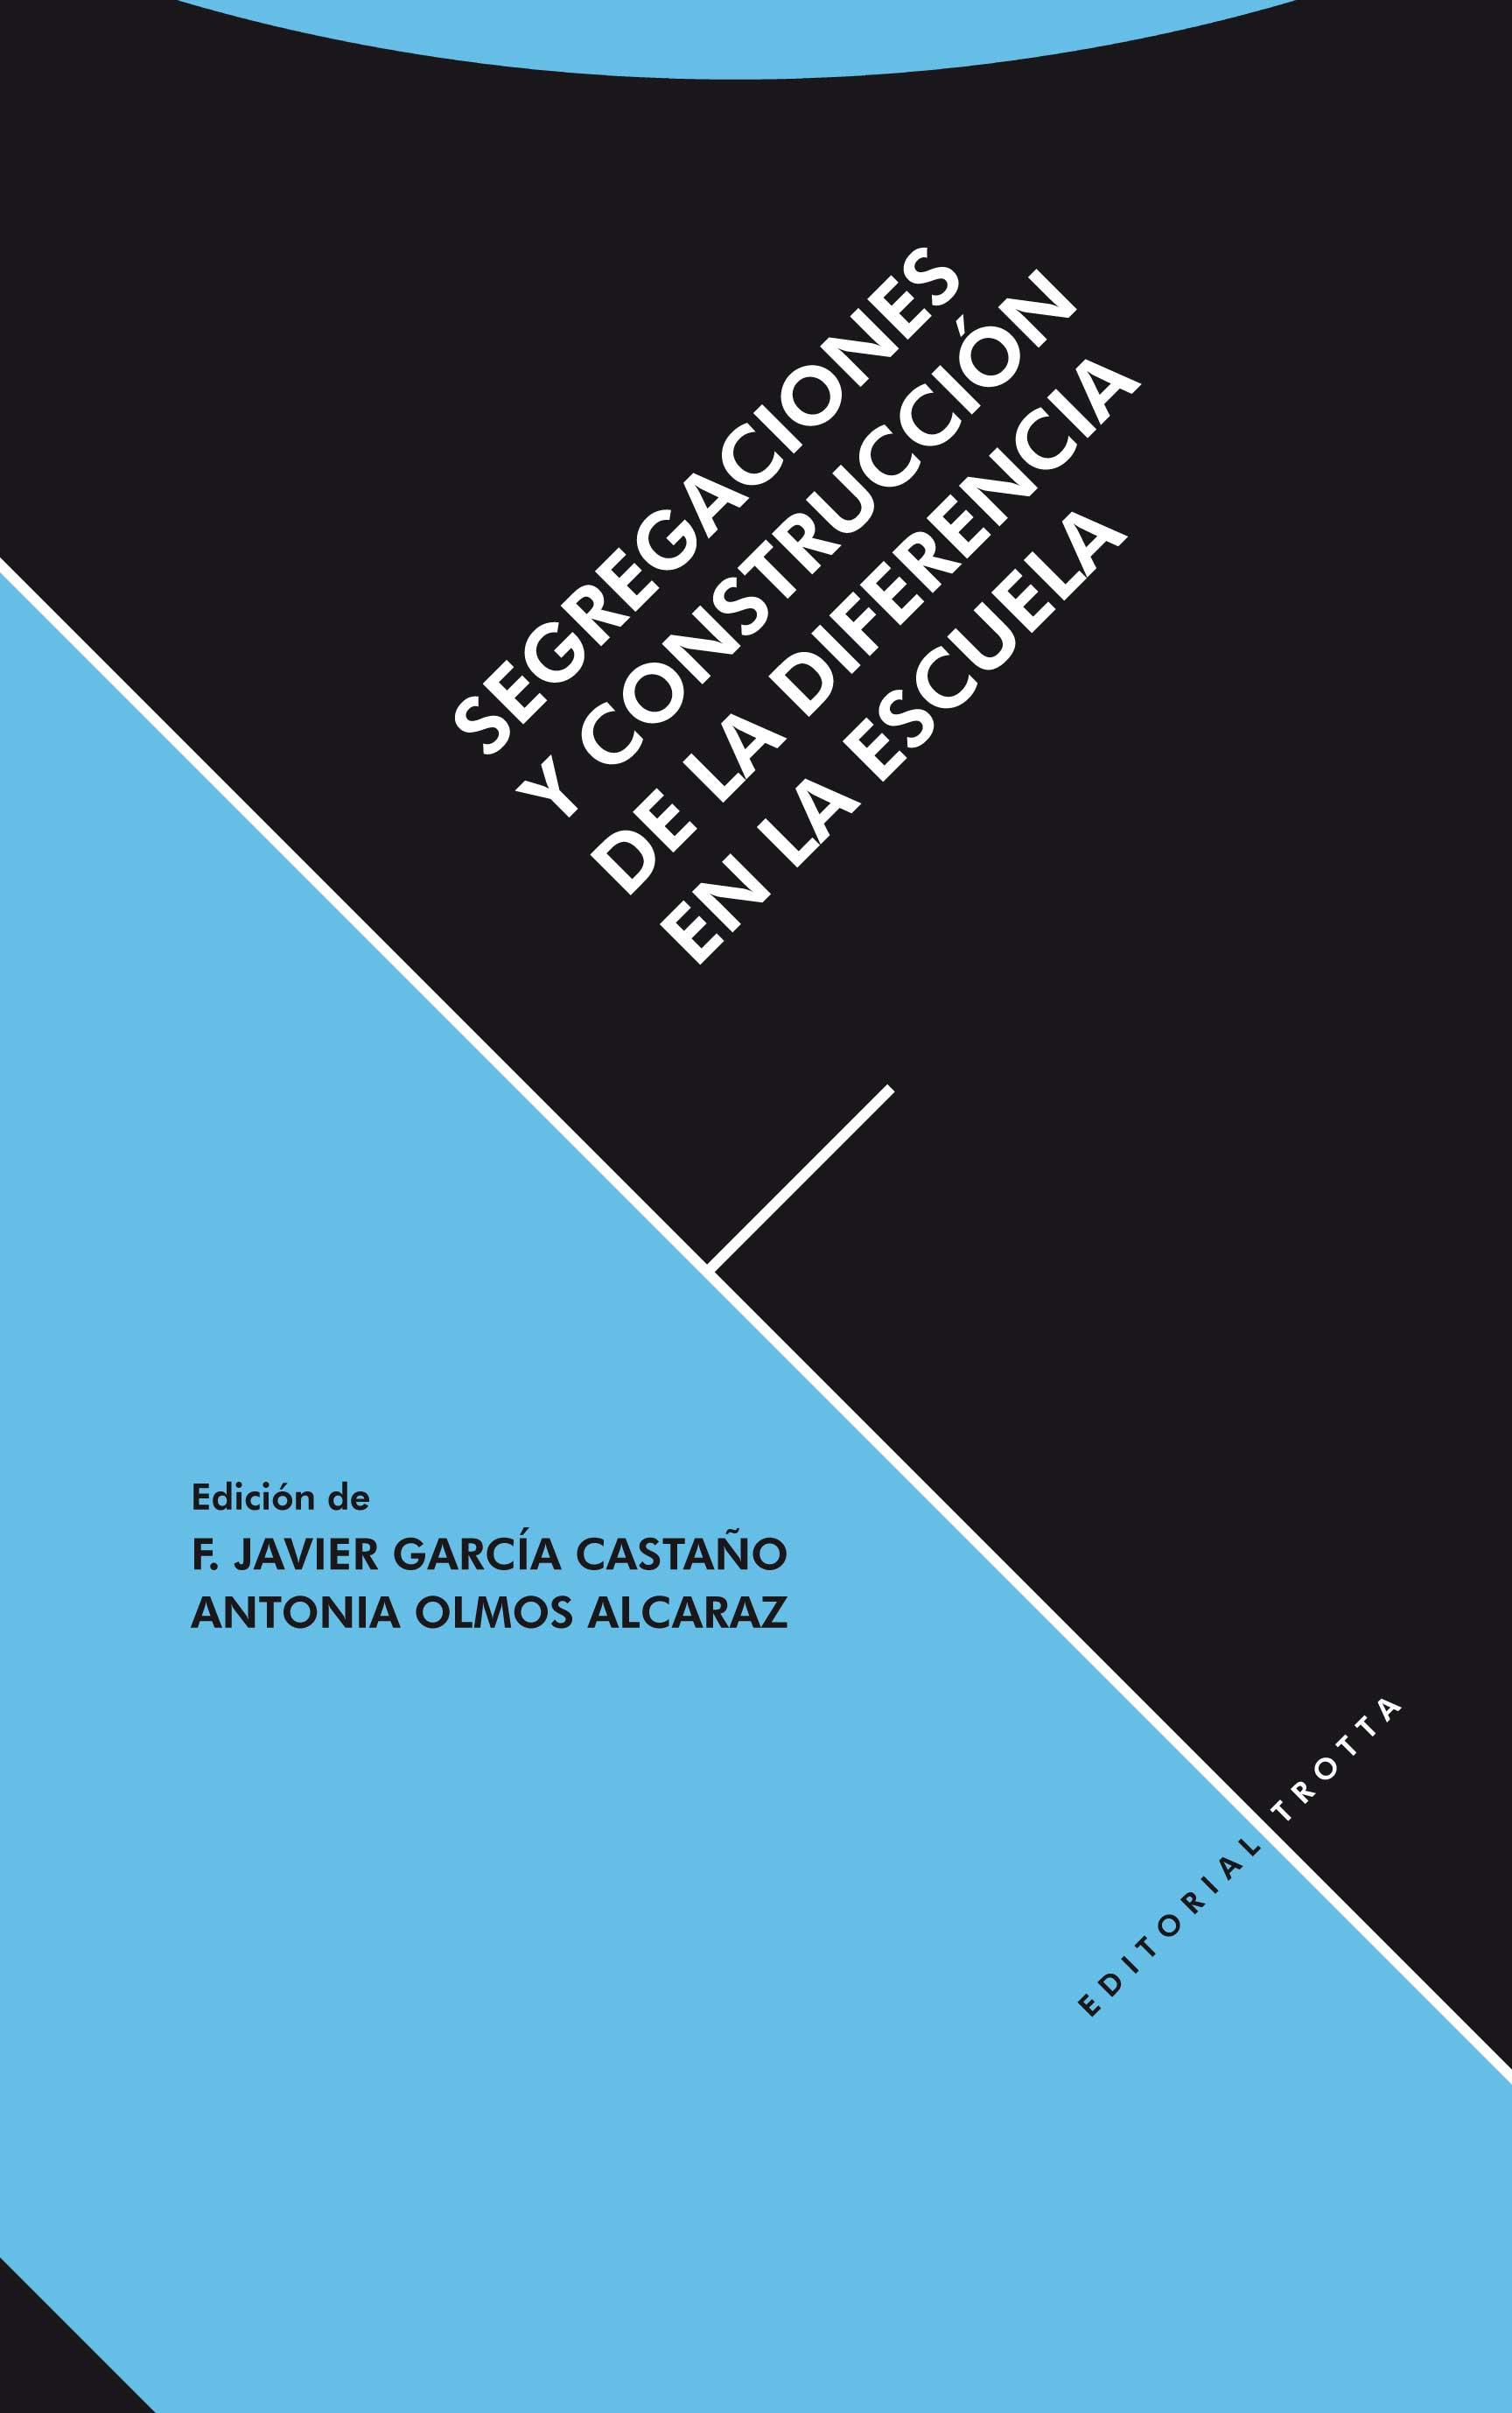 Descargar SEGREGACIONES Y CONSTRUCCION DE LA DIFRENCIA EN LA ESCUELA